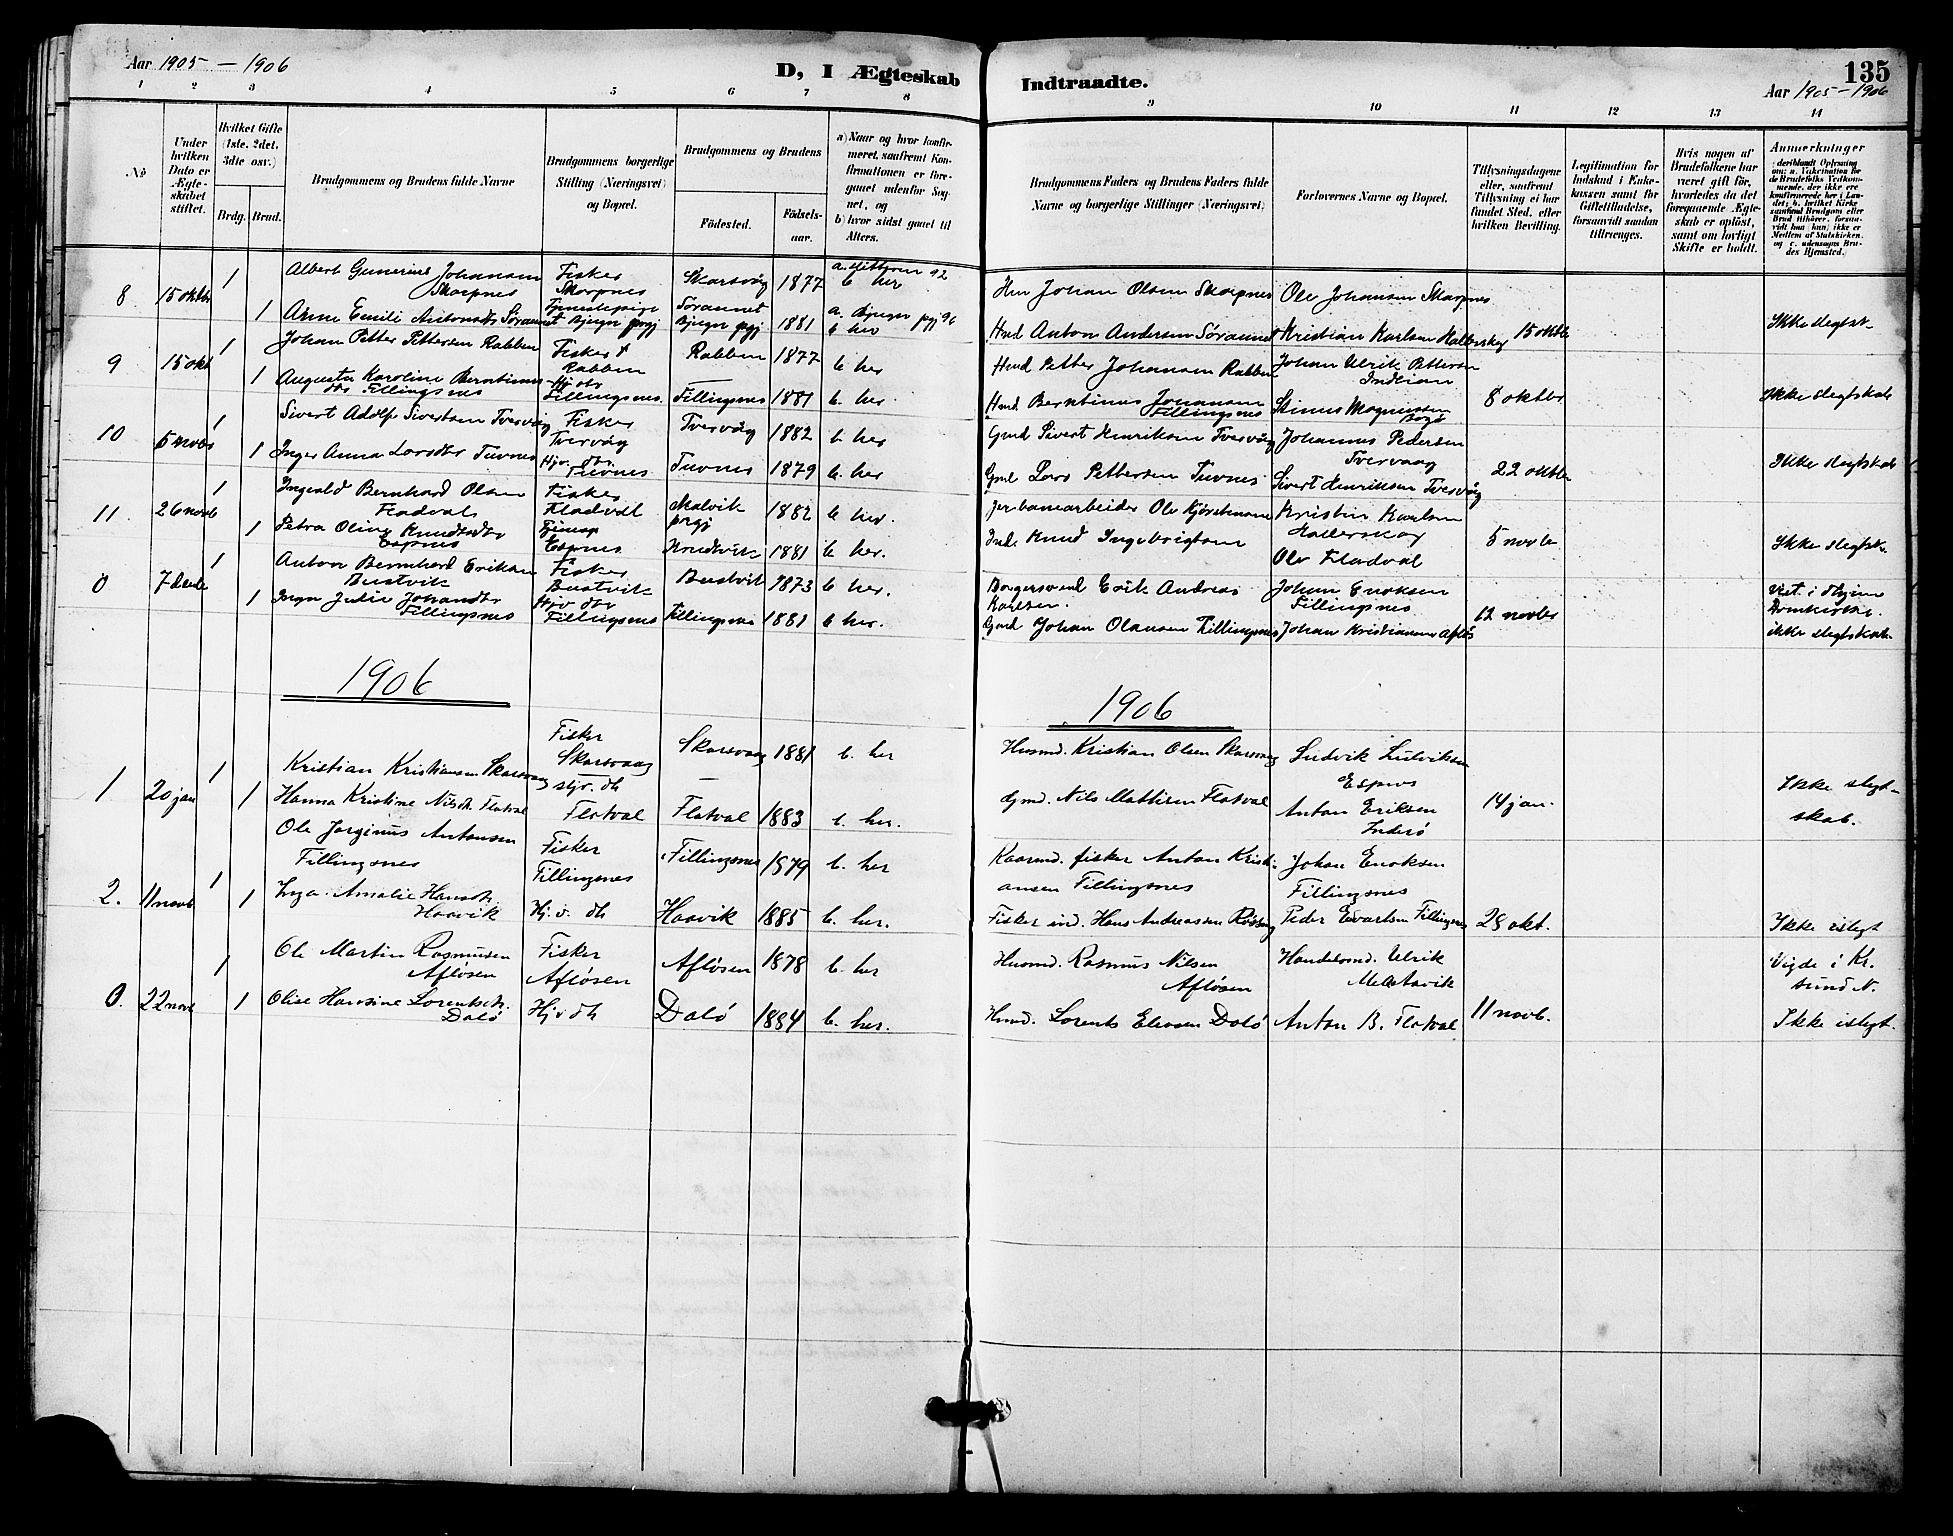 SAT, Ministerialprotokoller, klokkerbøker og fødselsregistre - Sør-Trøndelag, 641/L0598: Klokkerbok nr. 641C02, 1893-1910, s. 135